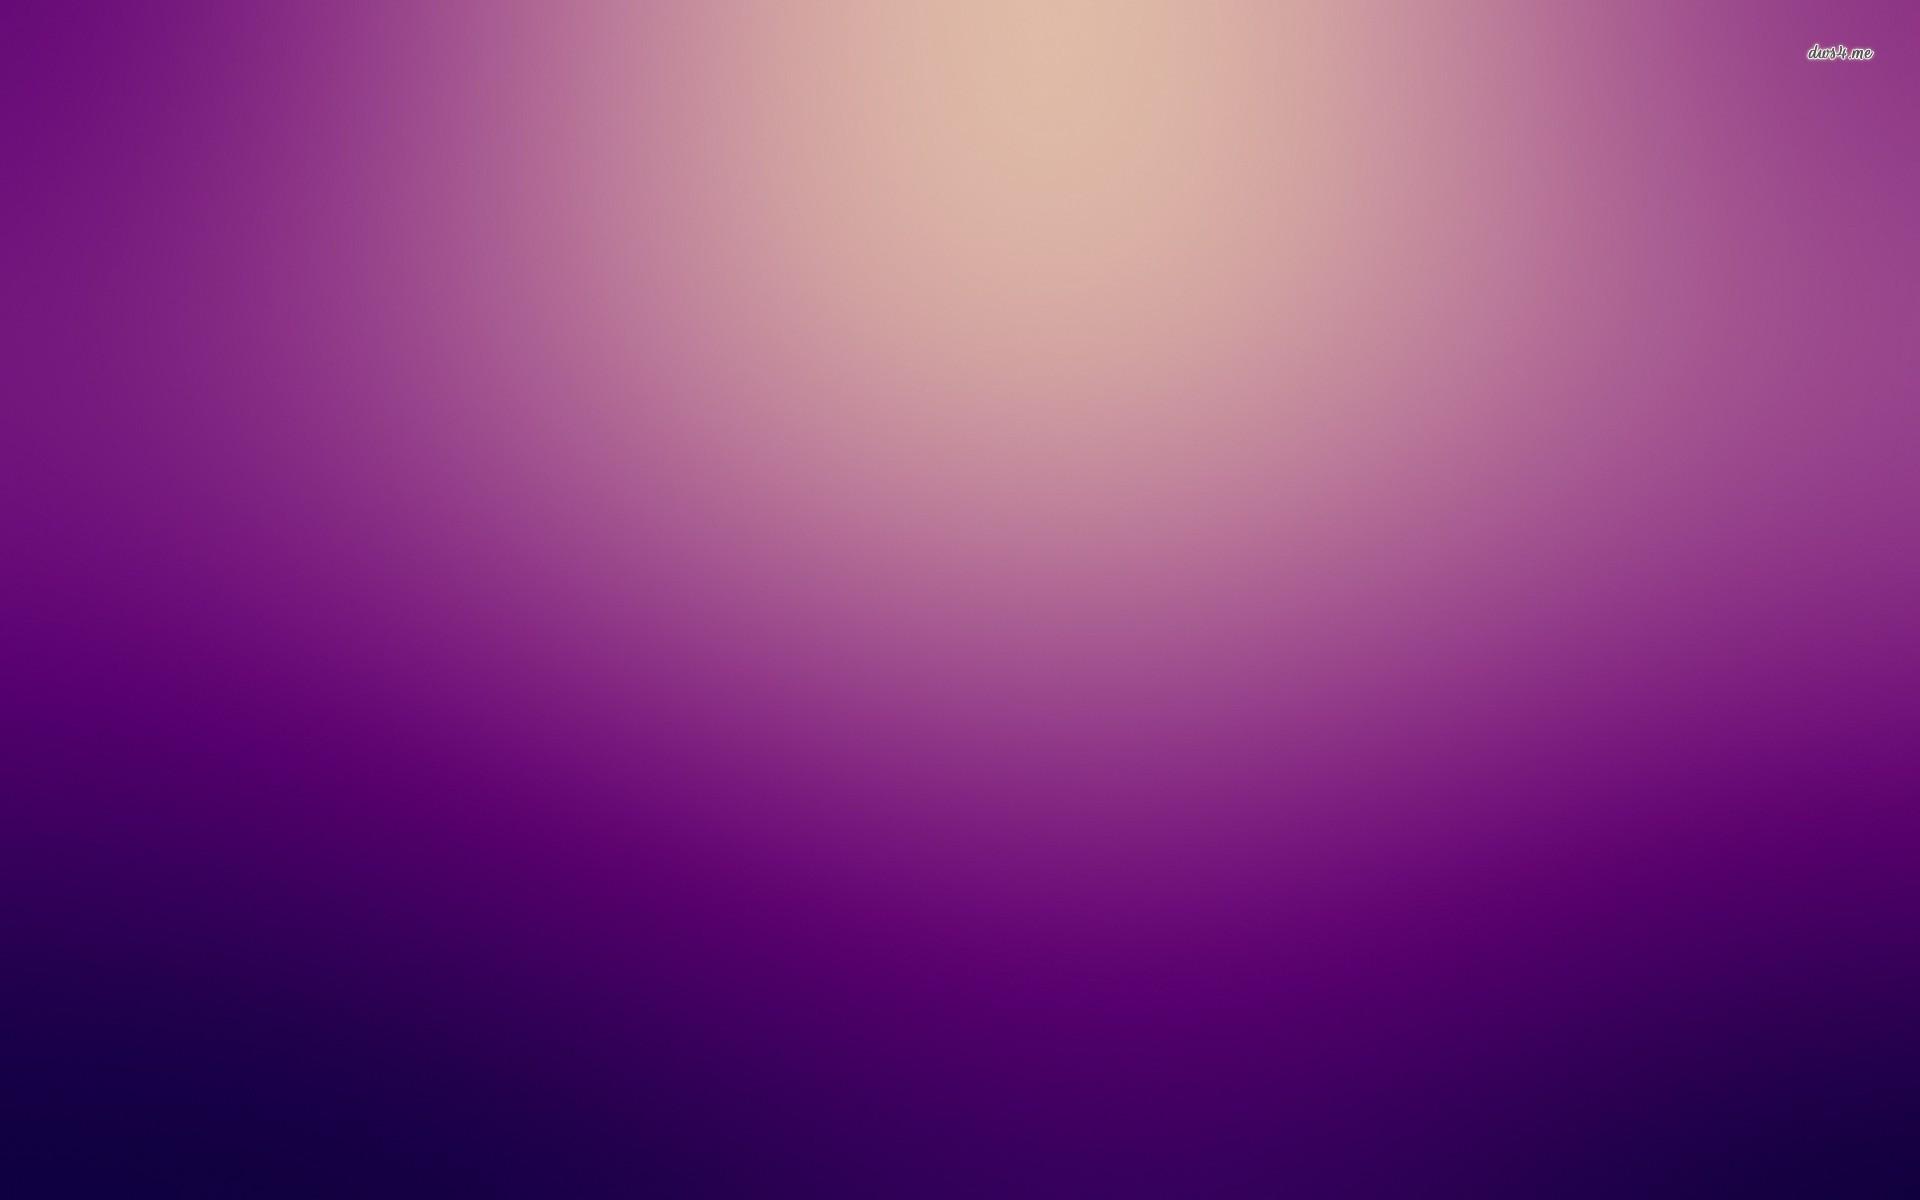 Purple Color Gradient · Purple gradient wallpaper 1920×1200